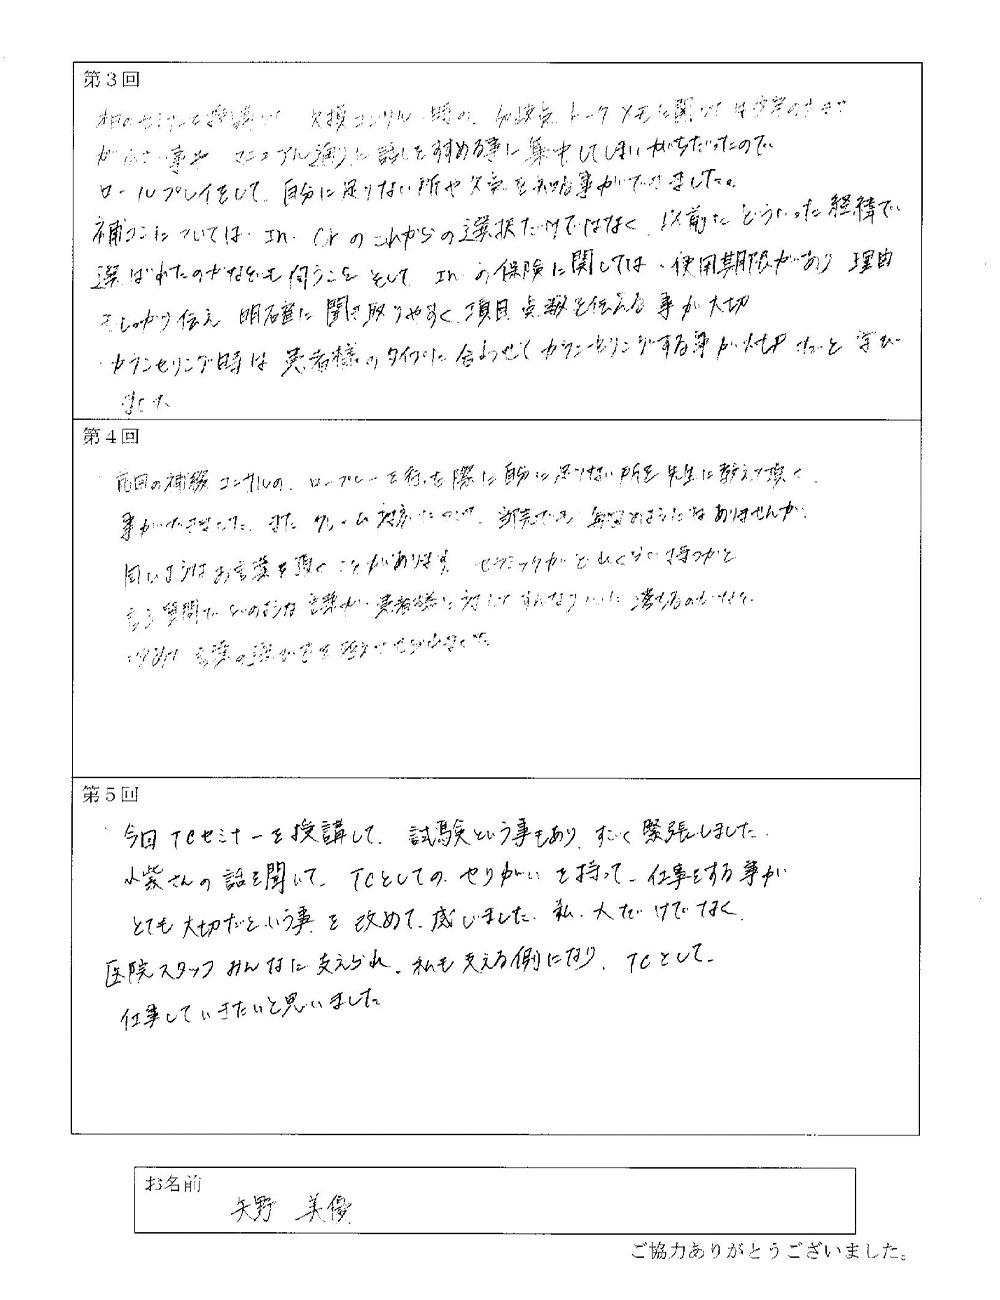 矢野 美優 様アンケート